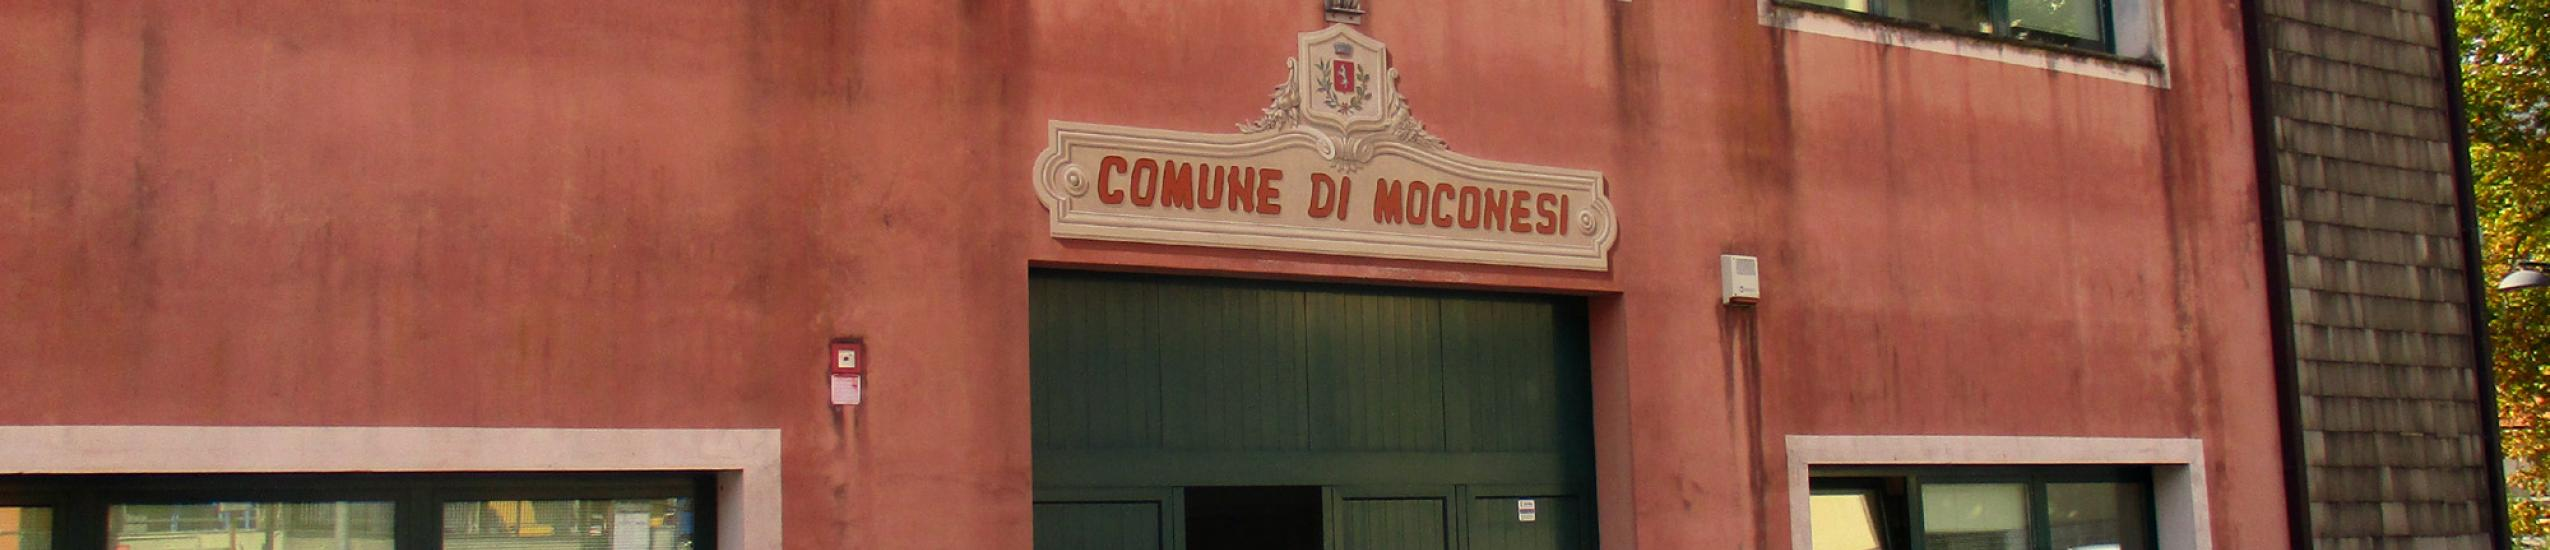 Comune di Moconesi